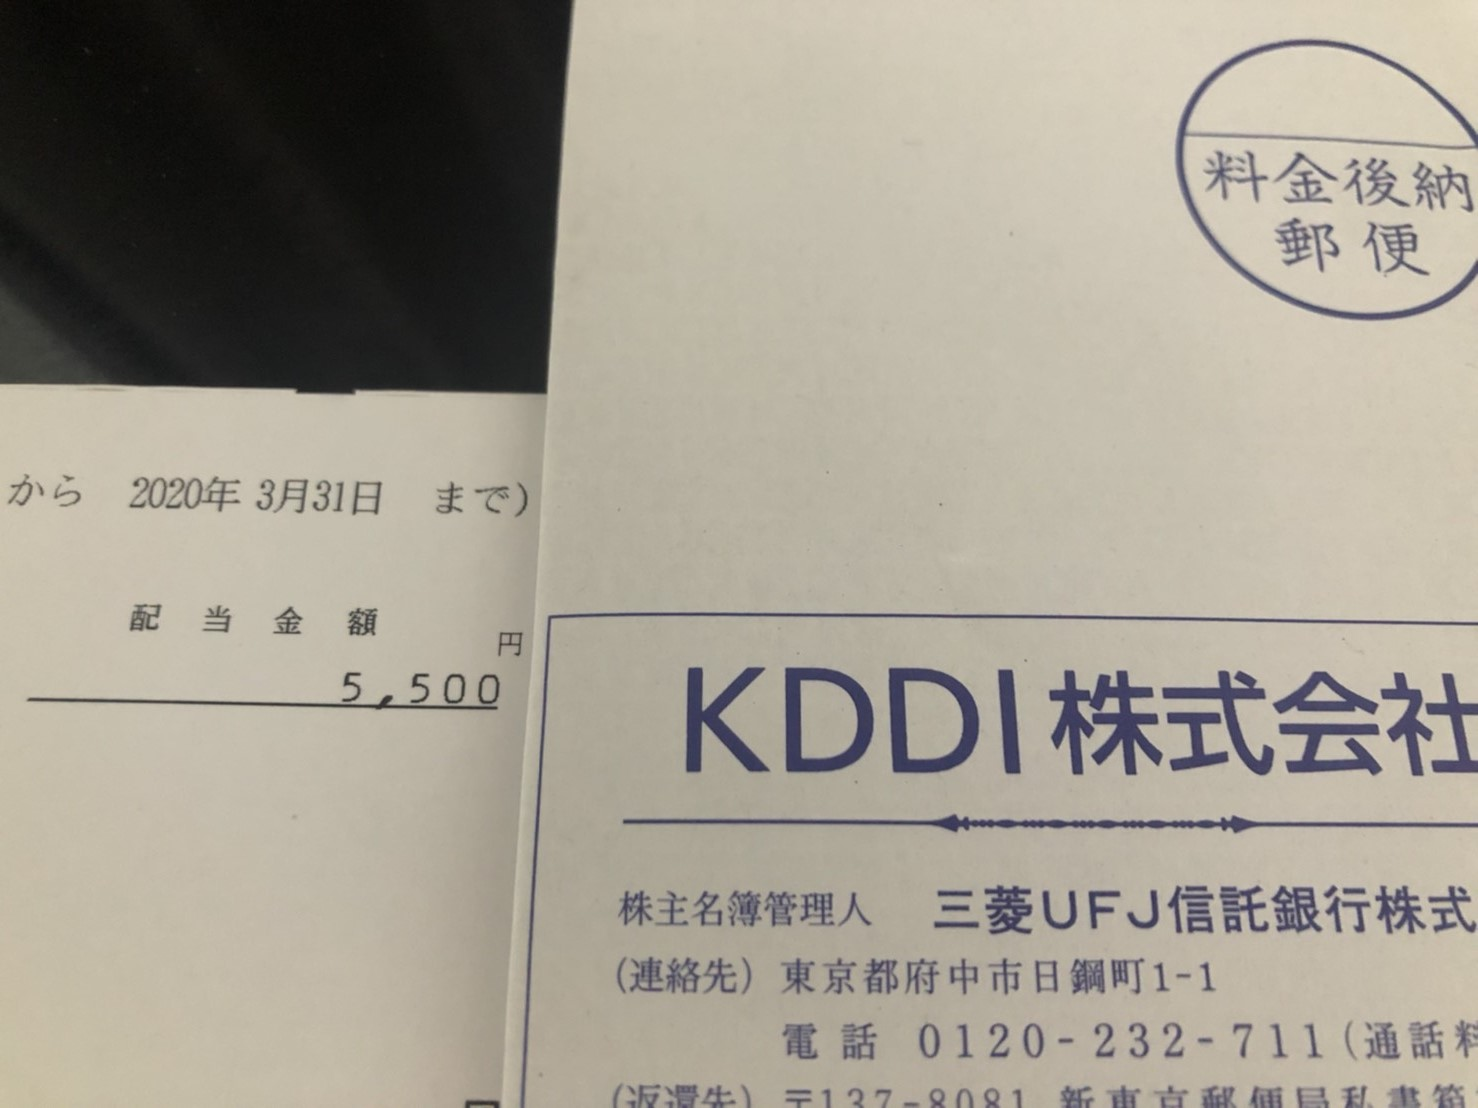 [9433]KDDIから配当とかクーポンとか色々届きました